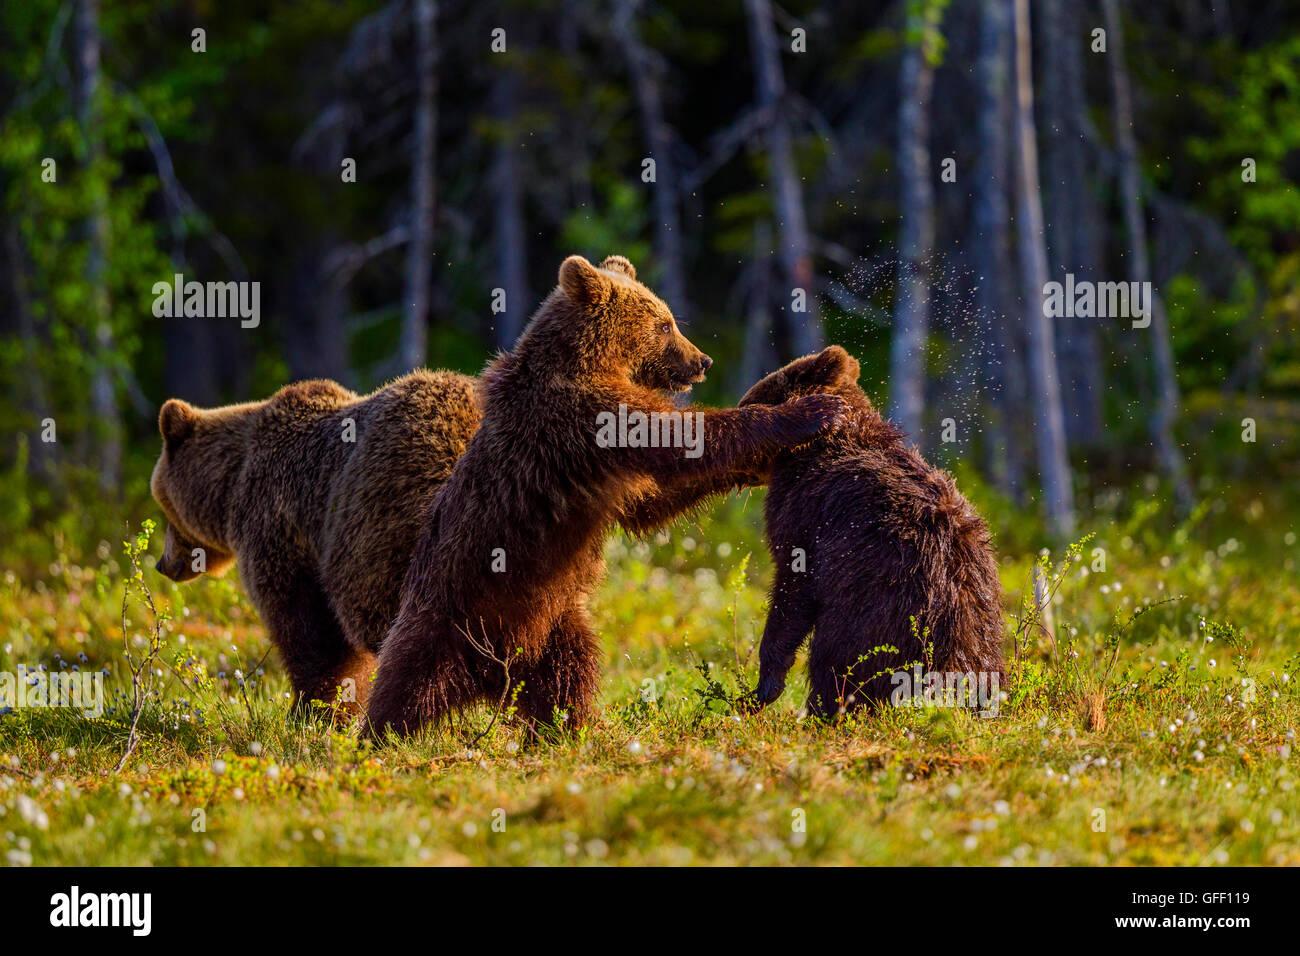 Brown Bear cubs jugar con los demás, Finlandia. Imagen De Stock